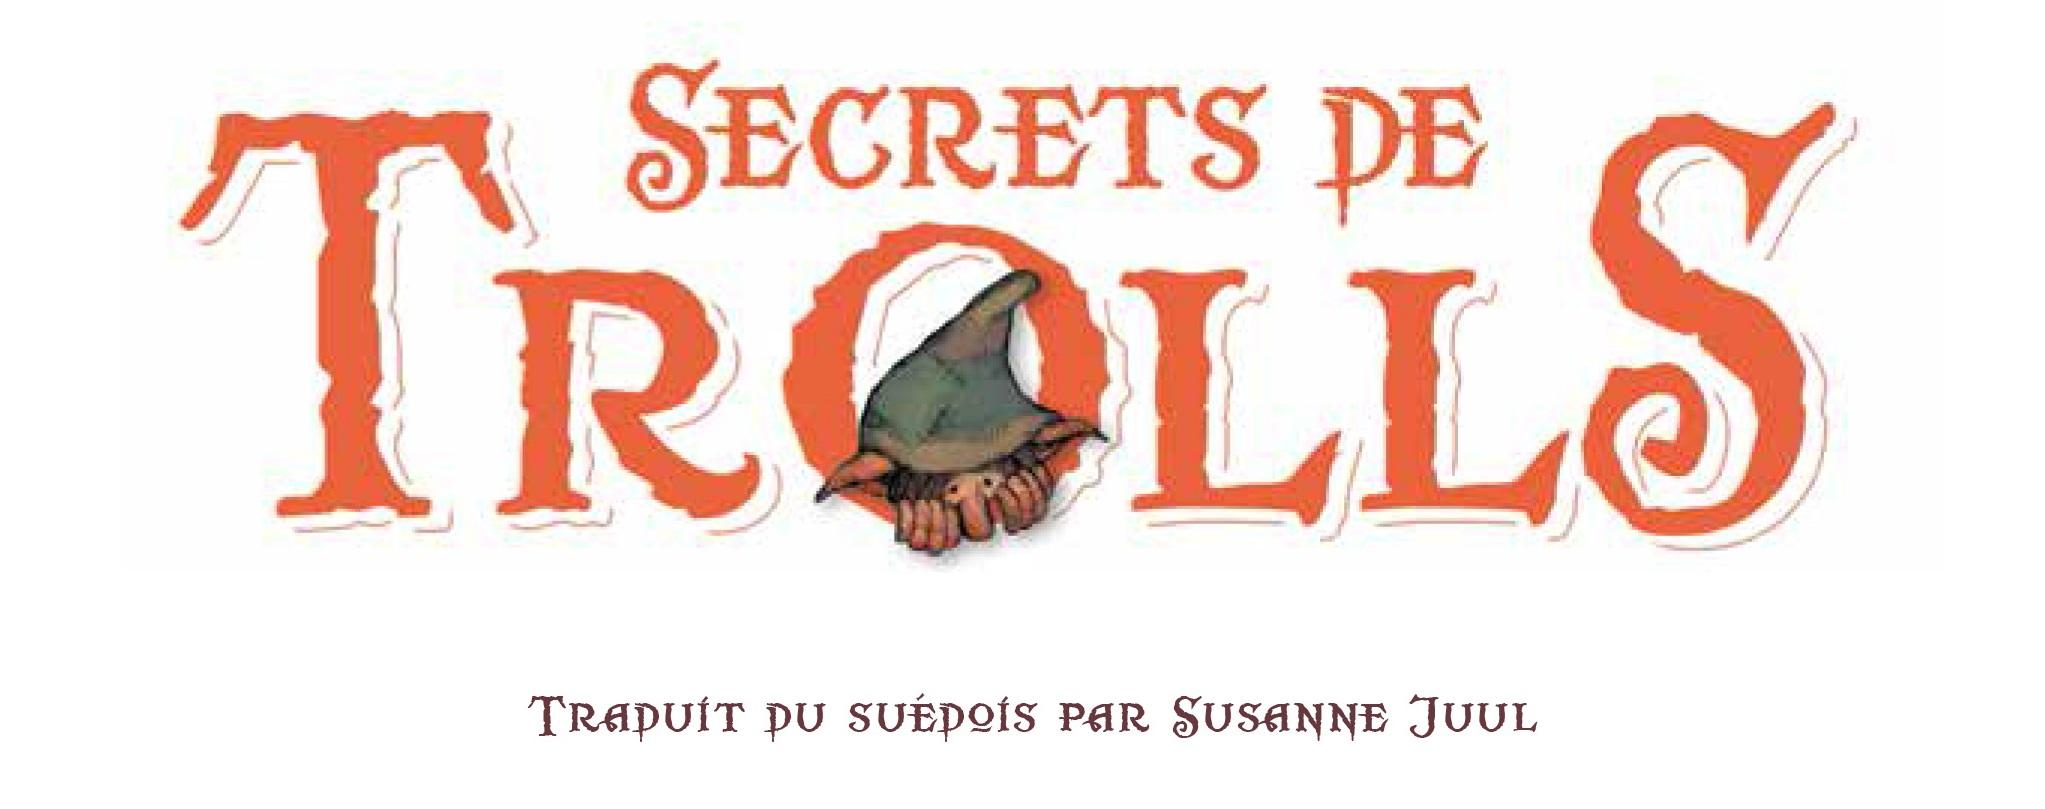 Secrets de Trolls le titre